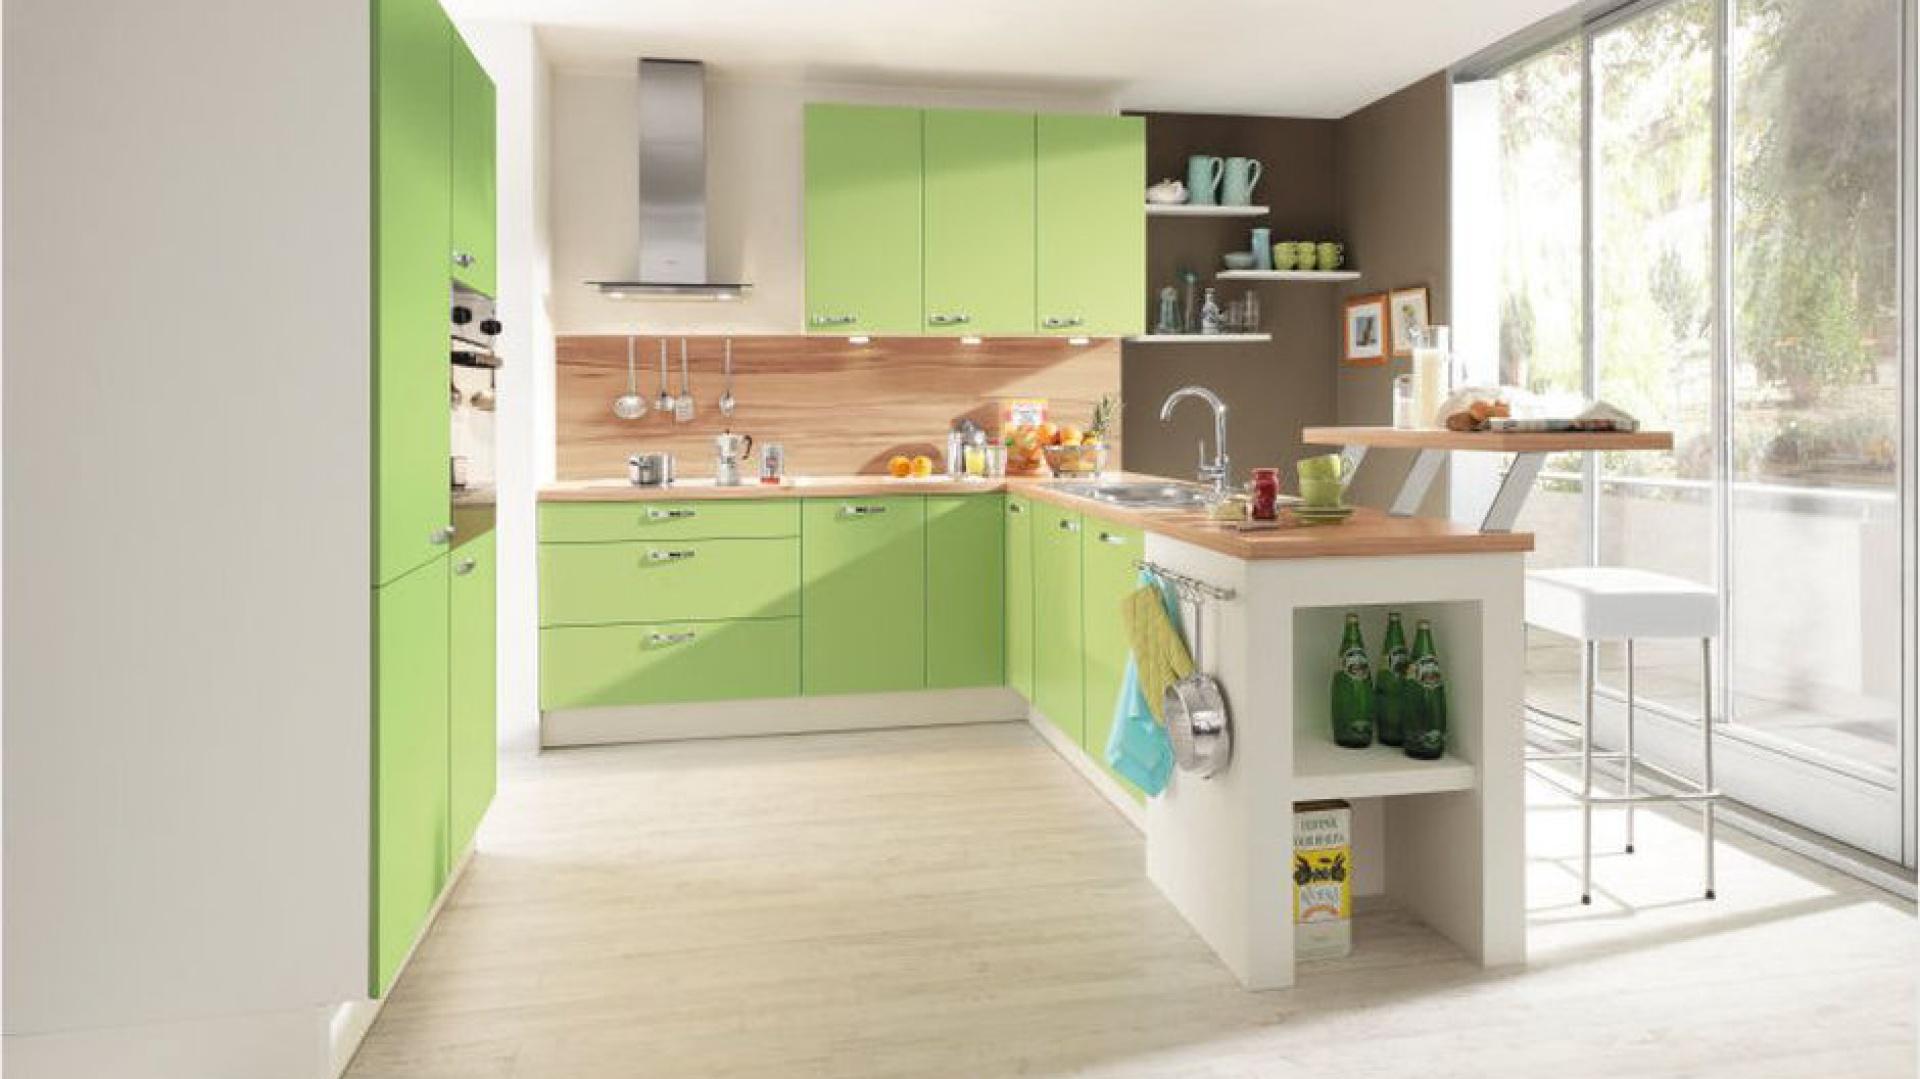 Kolor W Kuchni 15 Sposobów Na Energetyczne Wnętrze